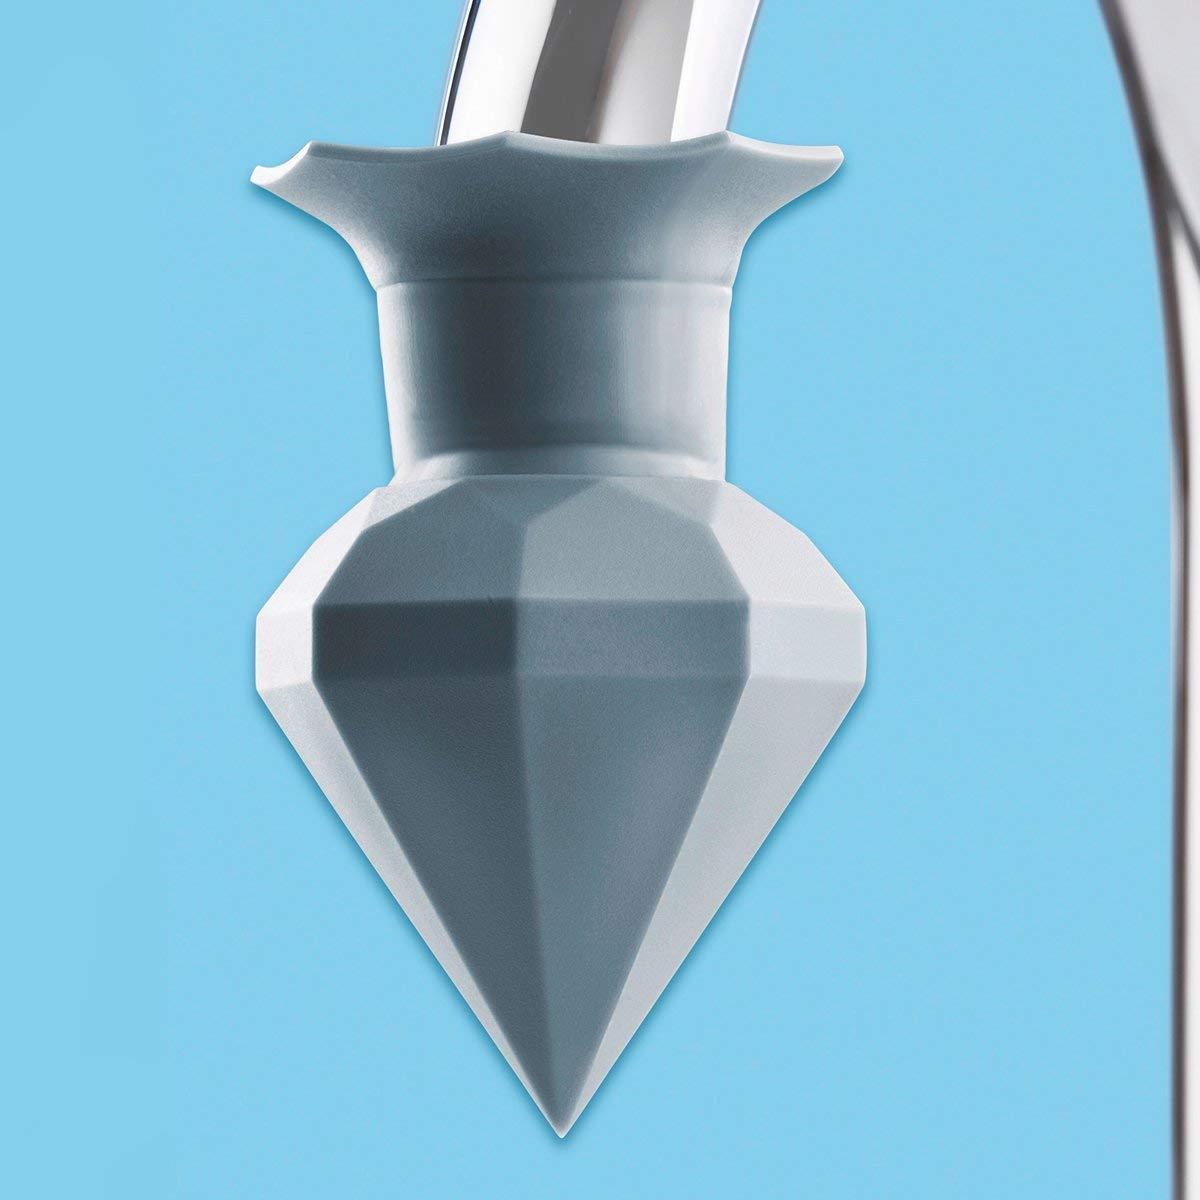 /Ø 5 cm H/öhe 7 cm grau Silikon WENKO Entkalker Diamant Entkalkungsfl/üssigkeit Wasserhahn f/ür handels/übliche Wasserh/ähne Aufsatz zum Entkalkten